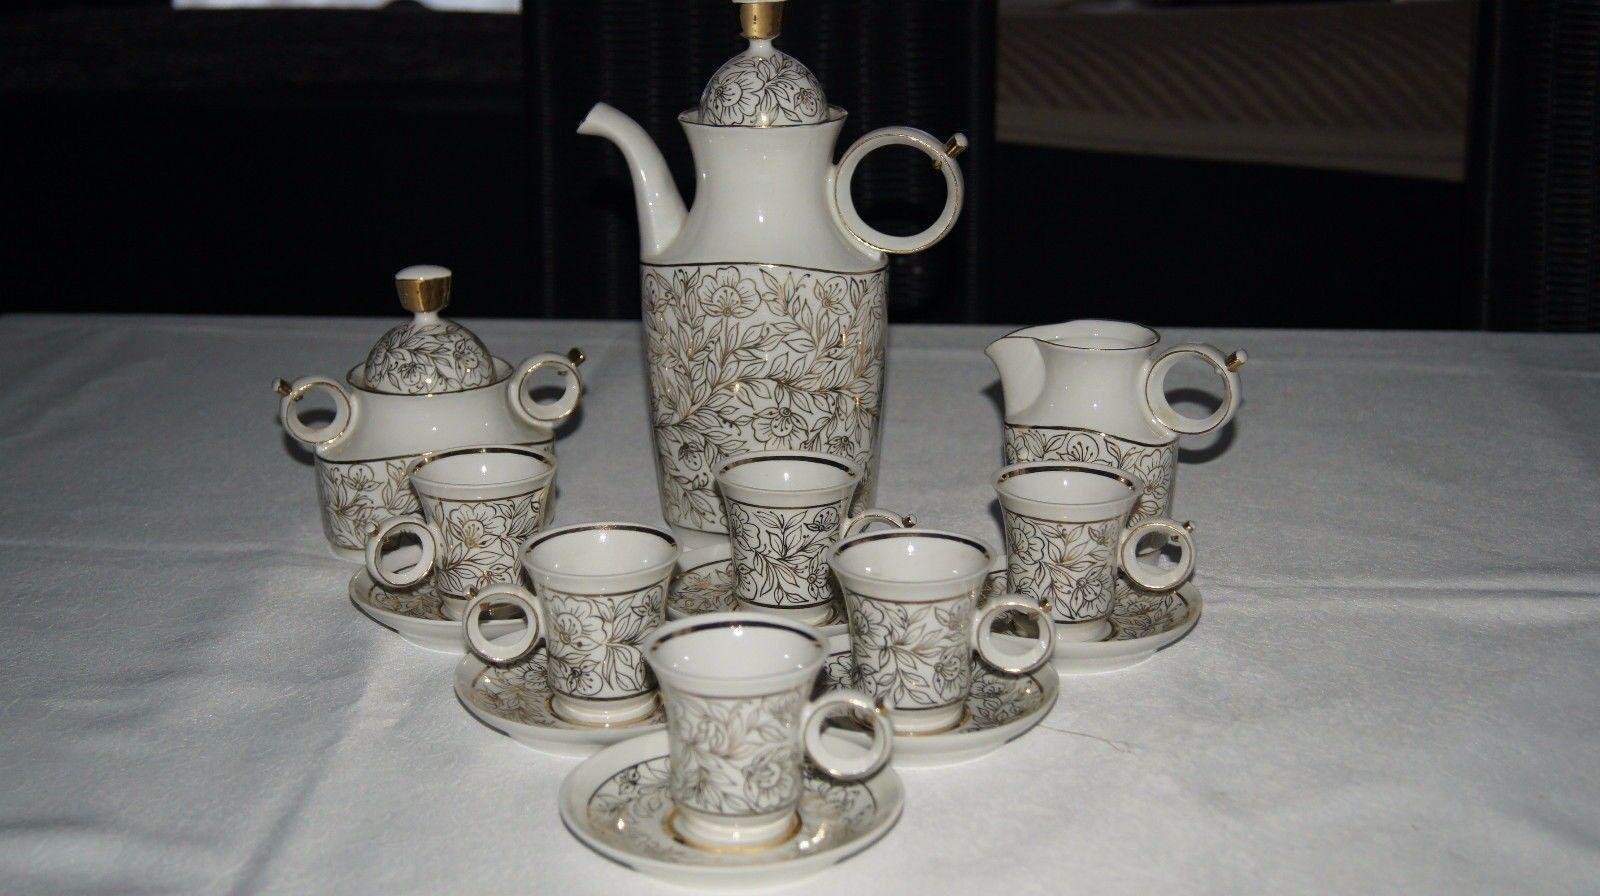 Porzellan Kaffeeservice 15 tlg. für 6 Personen, Autor der Arbeit